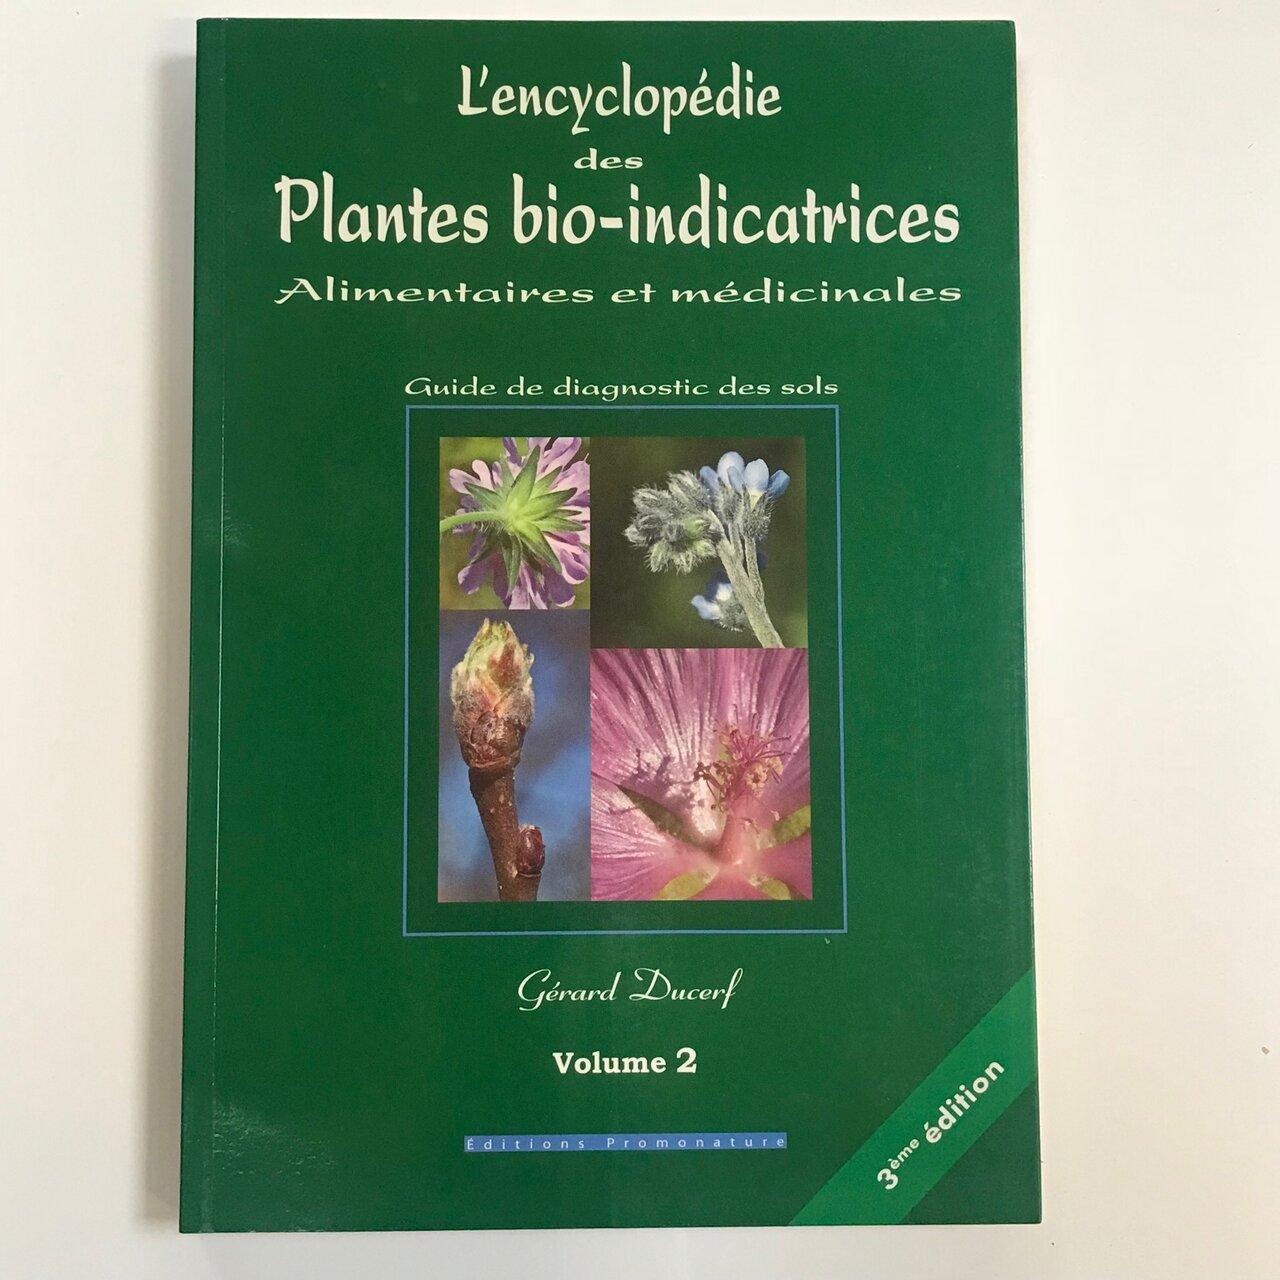 encyclopedie des plantes medicinales nouvelle edition